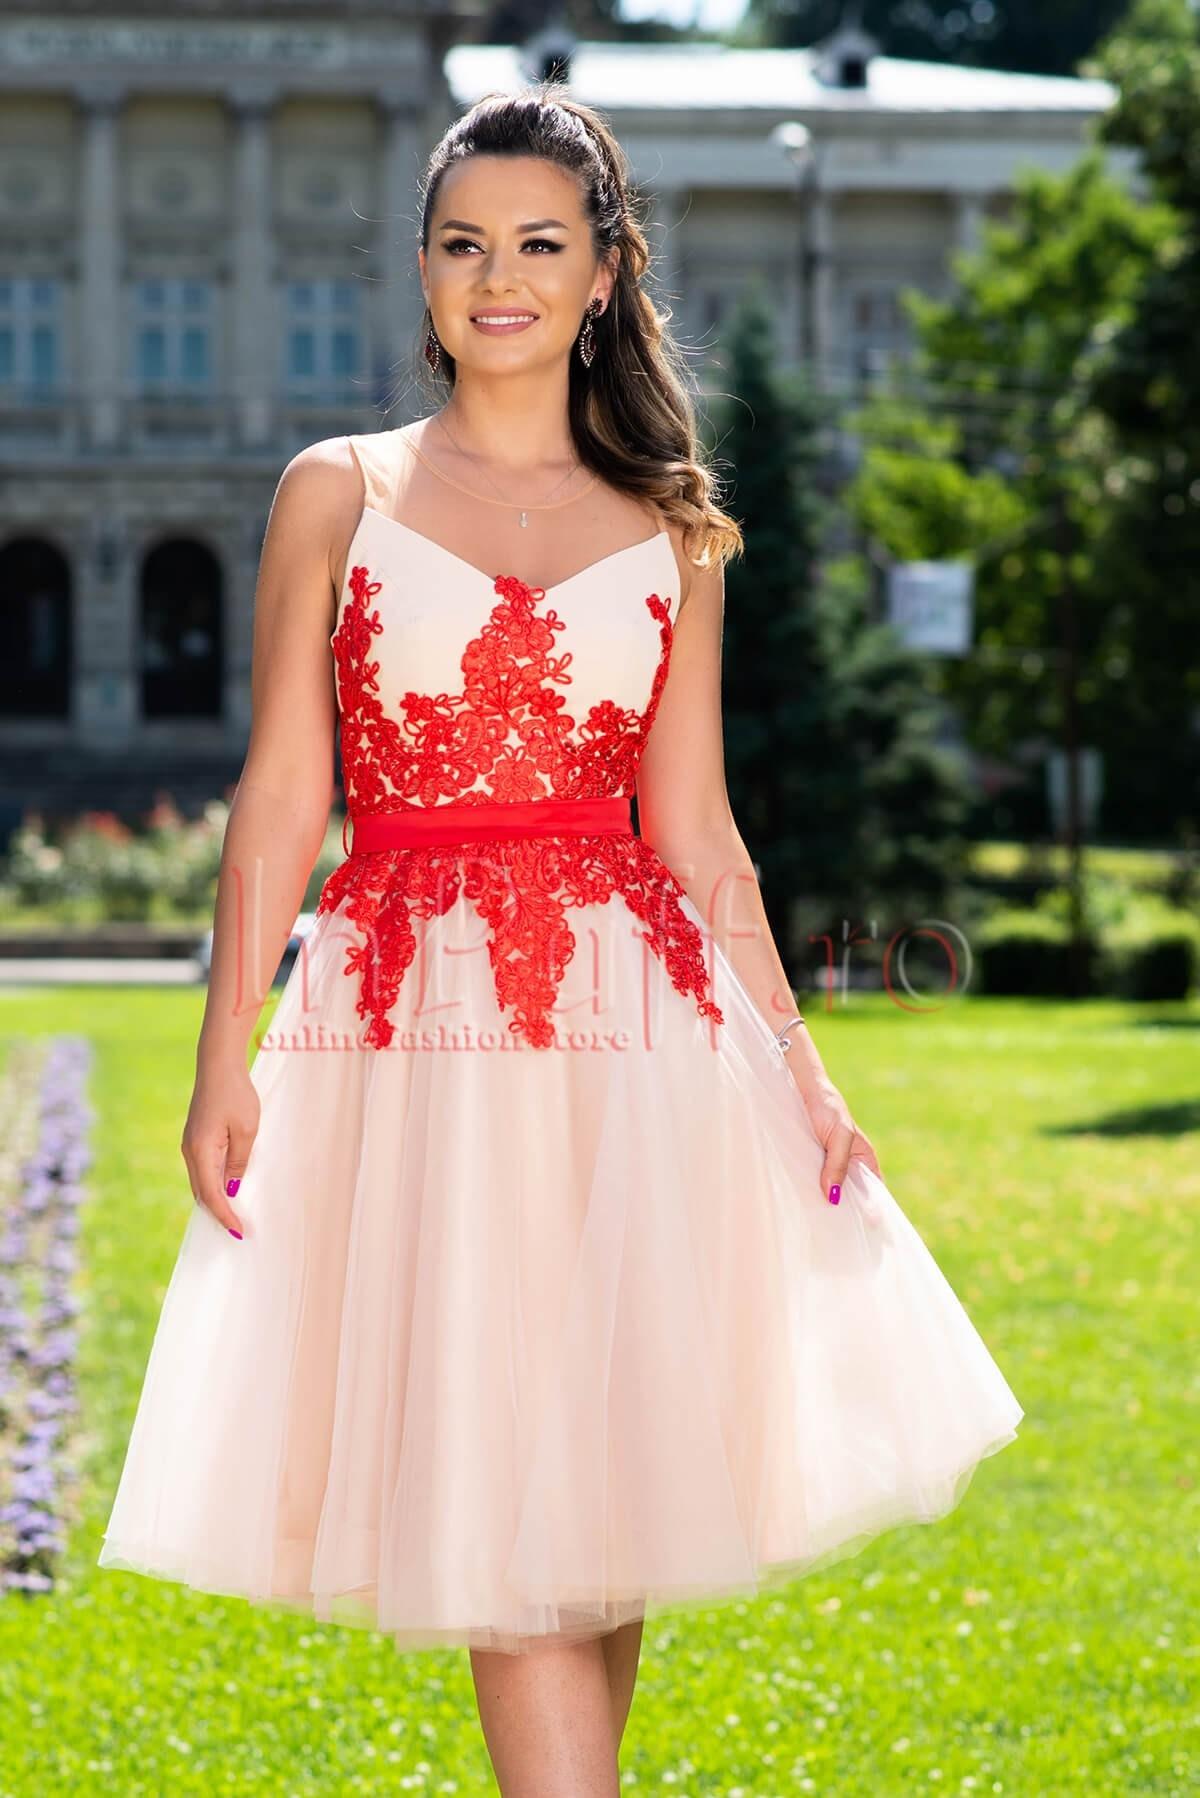 Rochie de ocazie din tull cu broderie florala rosie in zona bustului